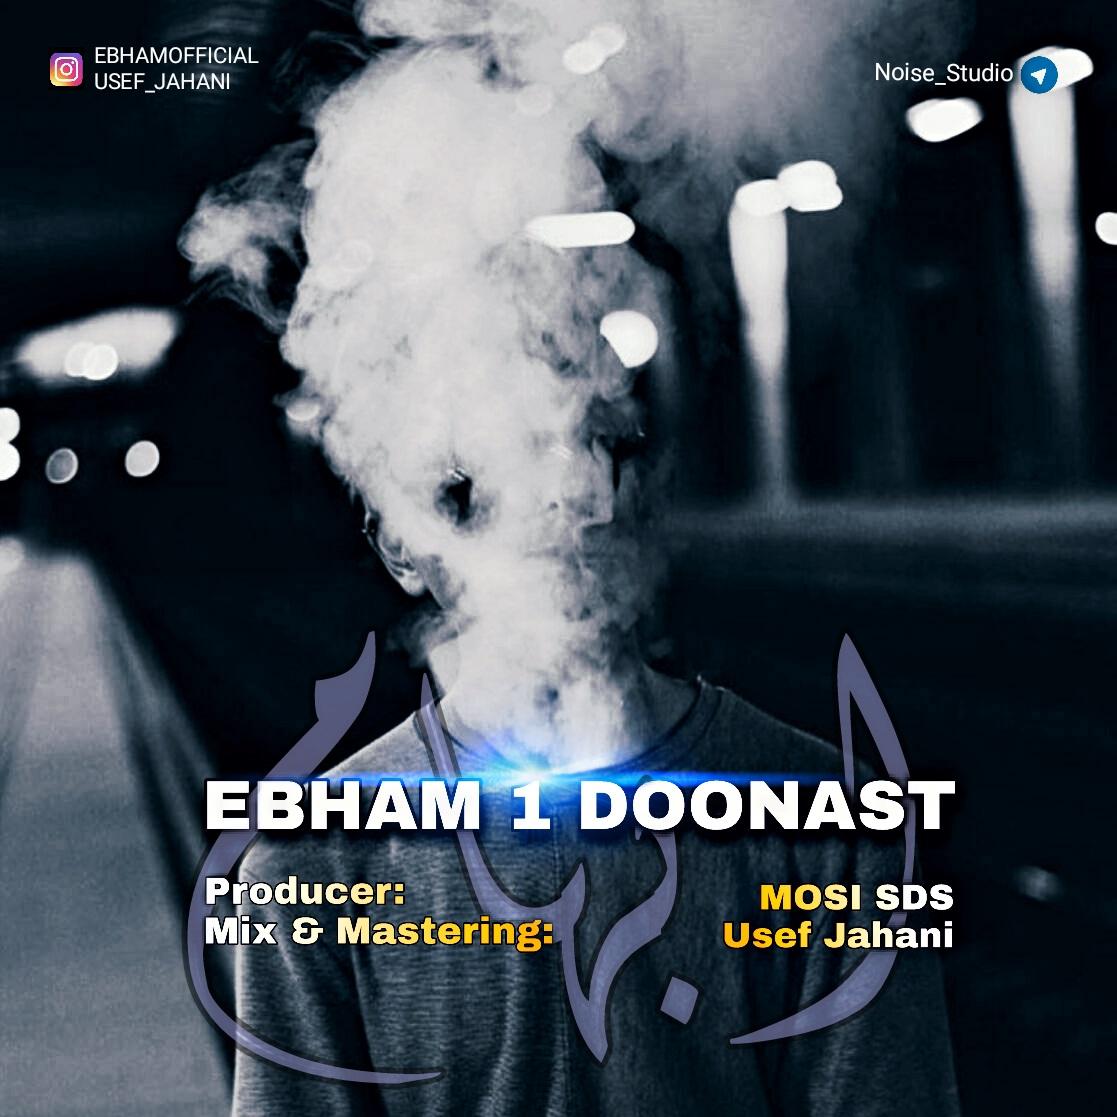 Ebham – Ebham Yedunast